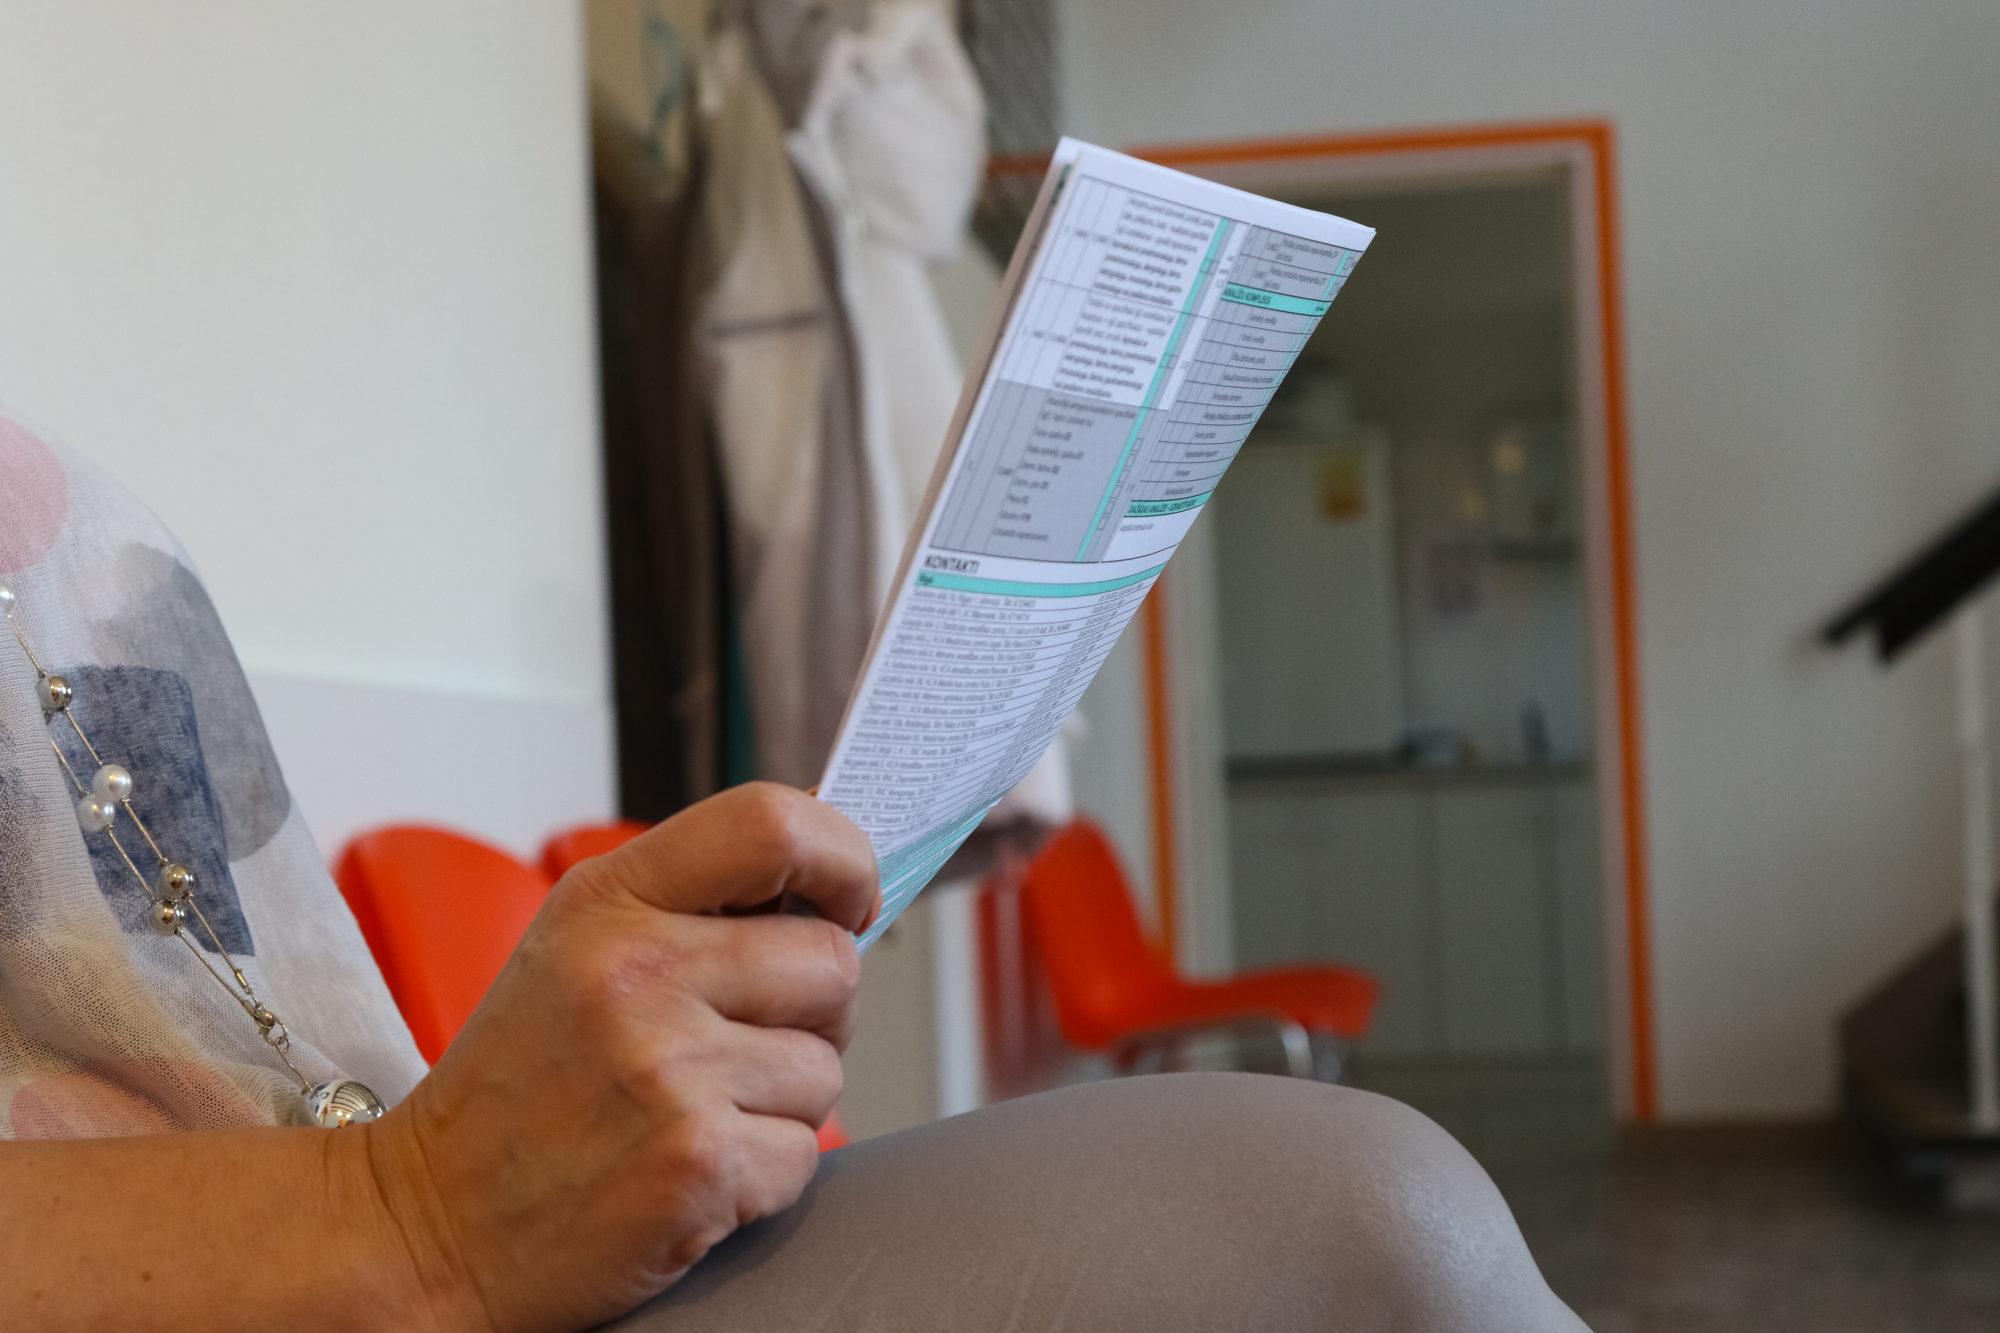 Минздрав предлагает за семь лет постепенно повысить зарплату врачей до 3833 евро